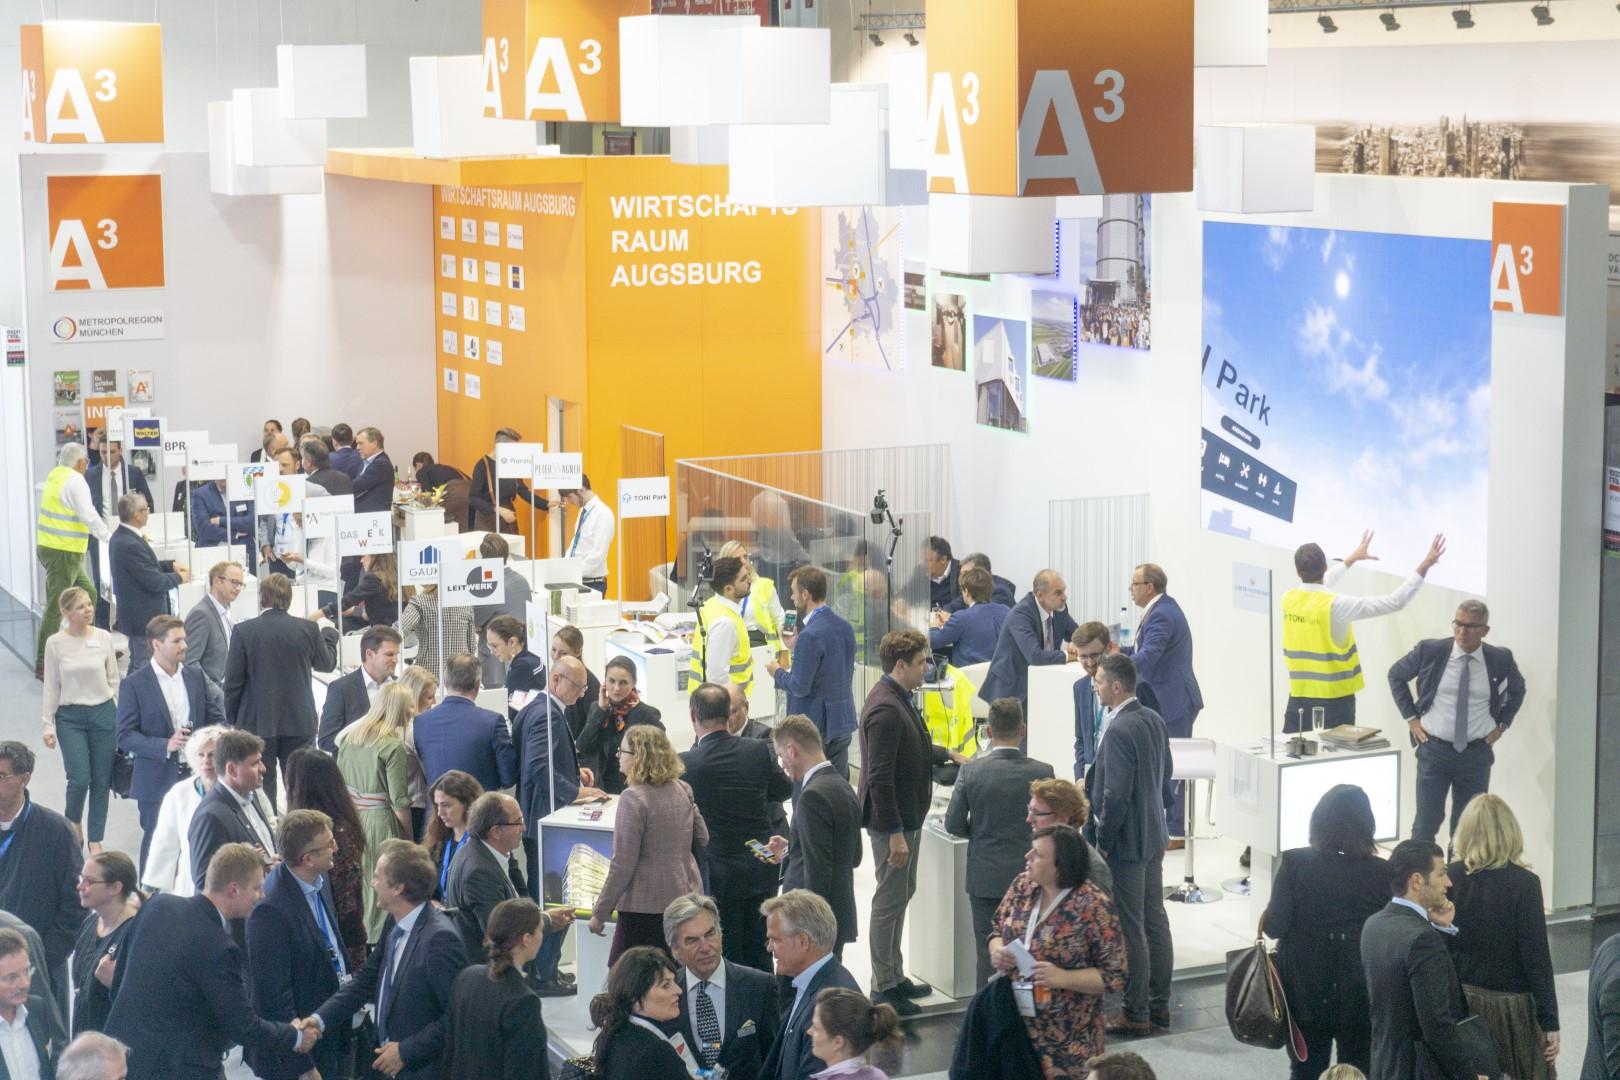 Expo Real 2019: A³ Gemeinschaftsstand